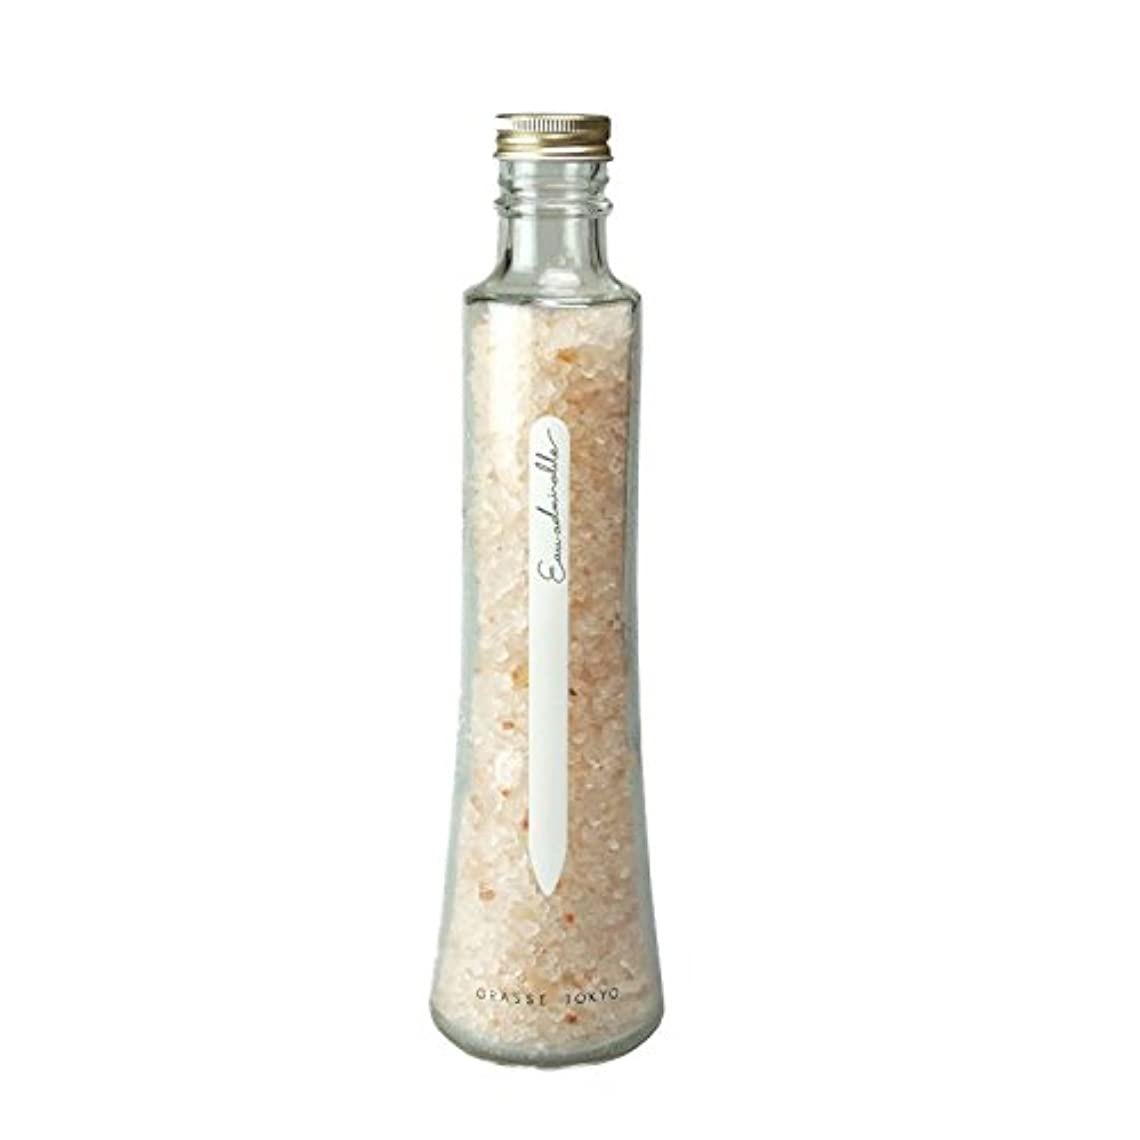 乳製品違反する隙間グラーストウキョウ フレグランスソルト(浴用、12回分ボトル) Eau admirable 360g